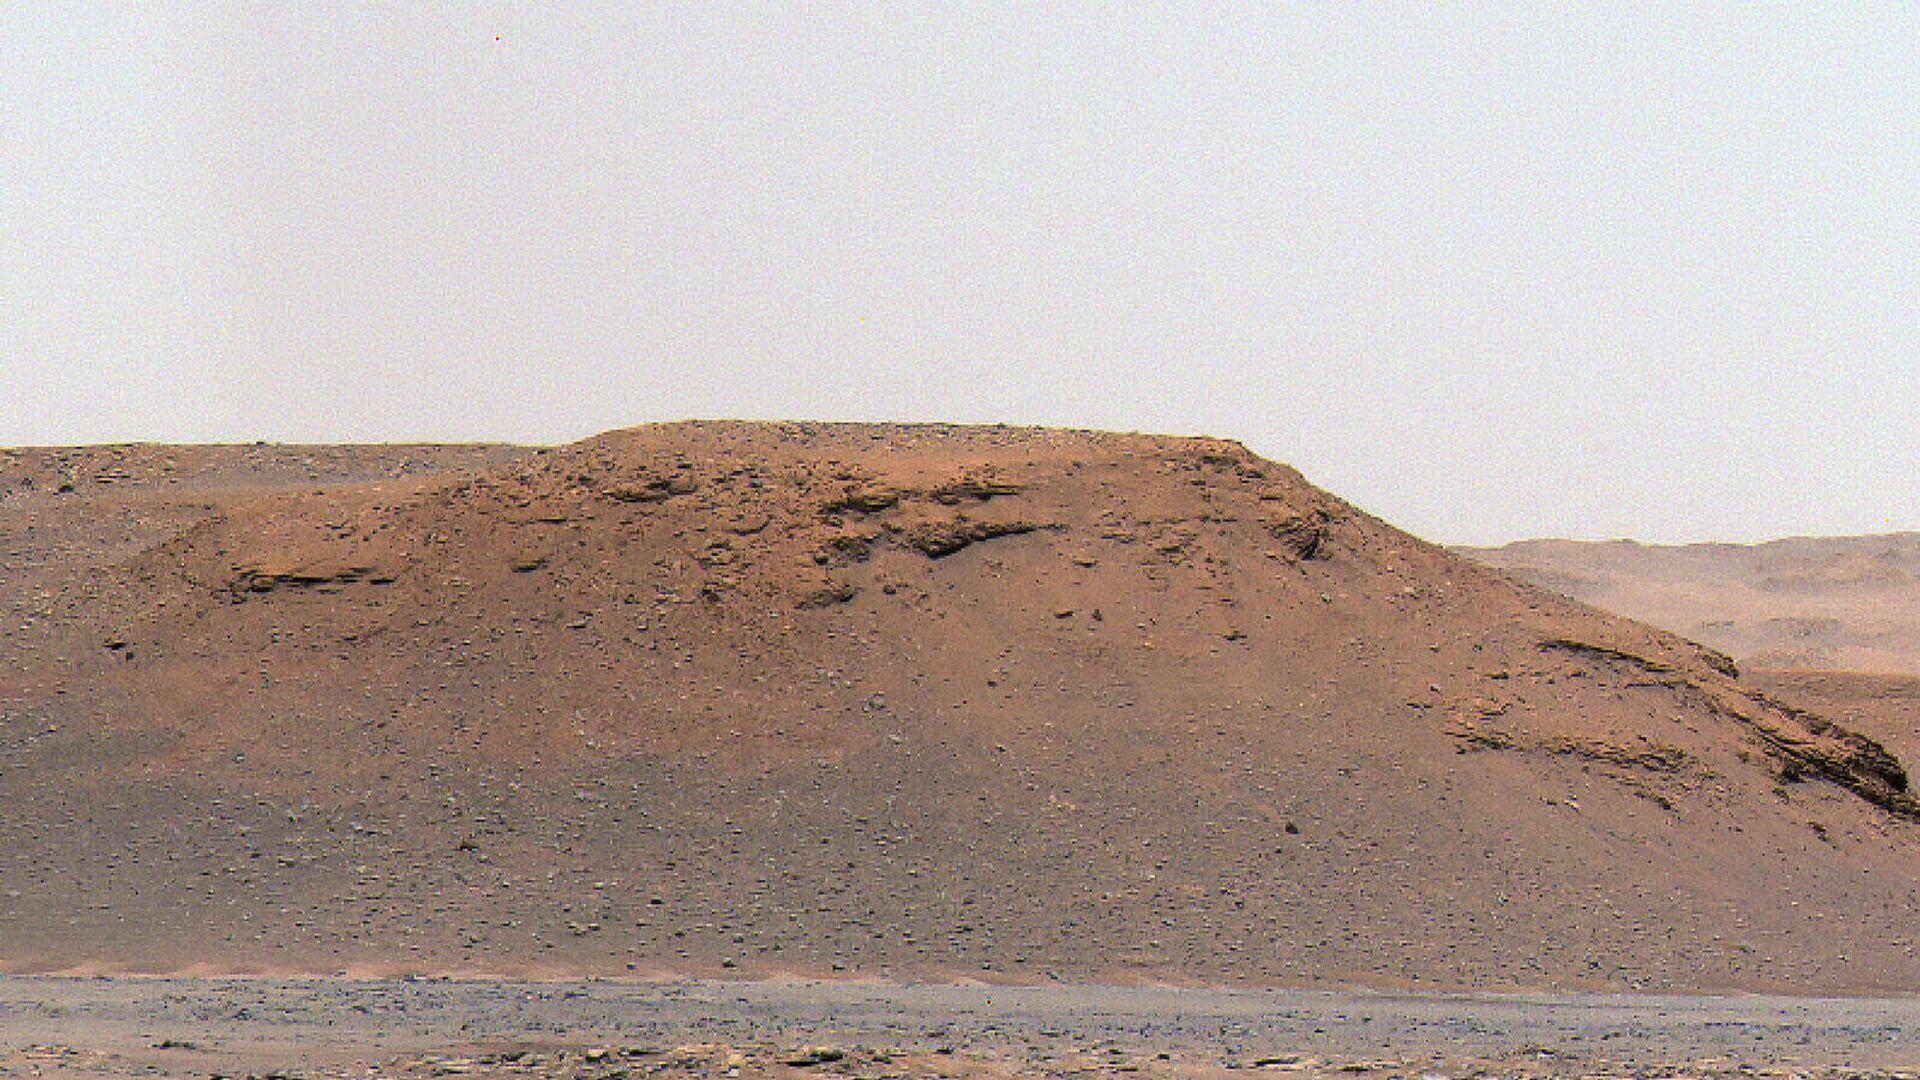 Una imagen captada por Perseverance en Marte - Sputnik Mundo, 1920, 08.10.2021